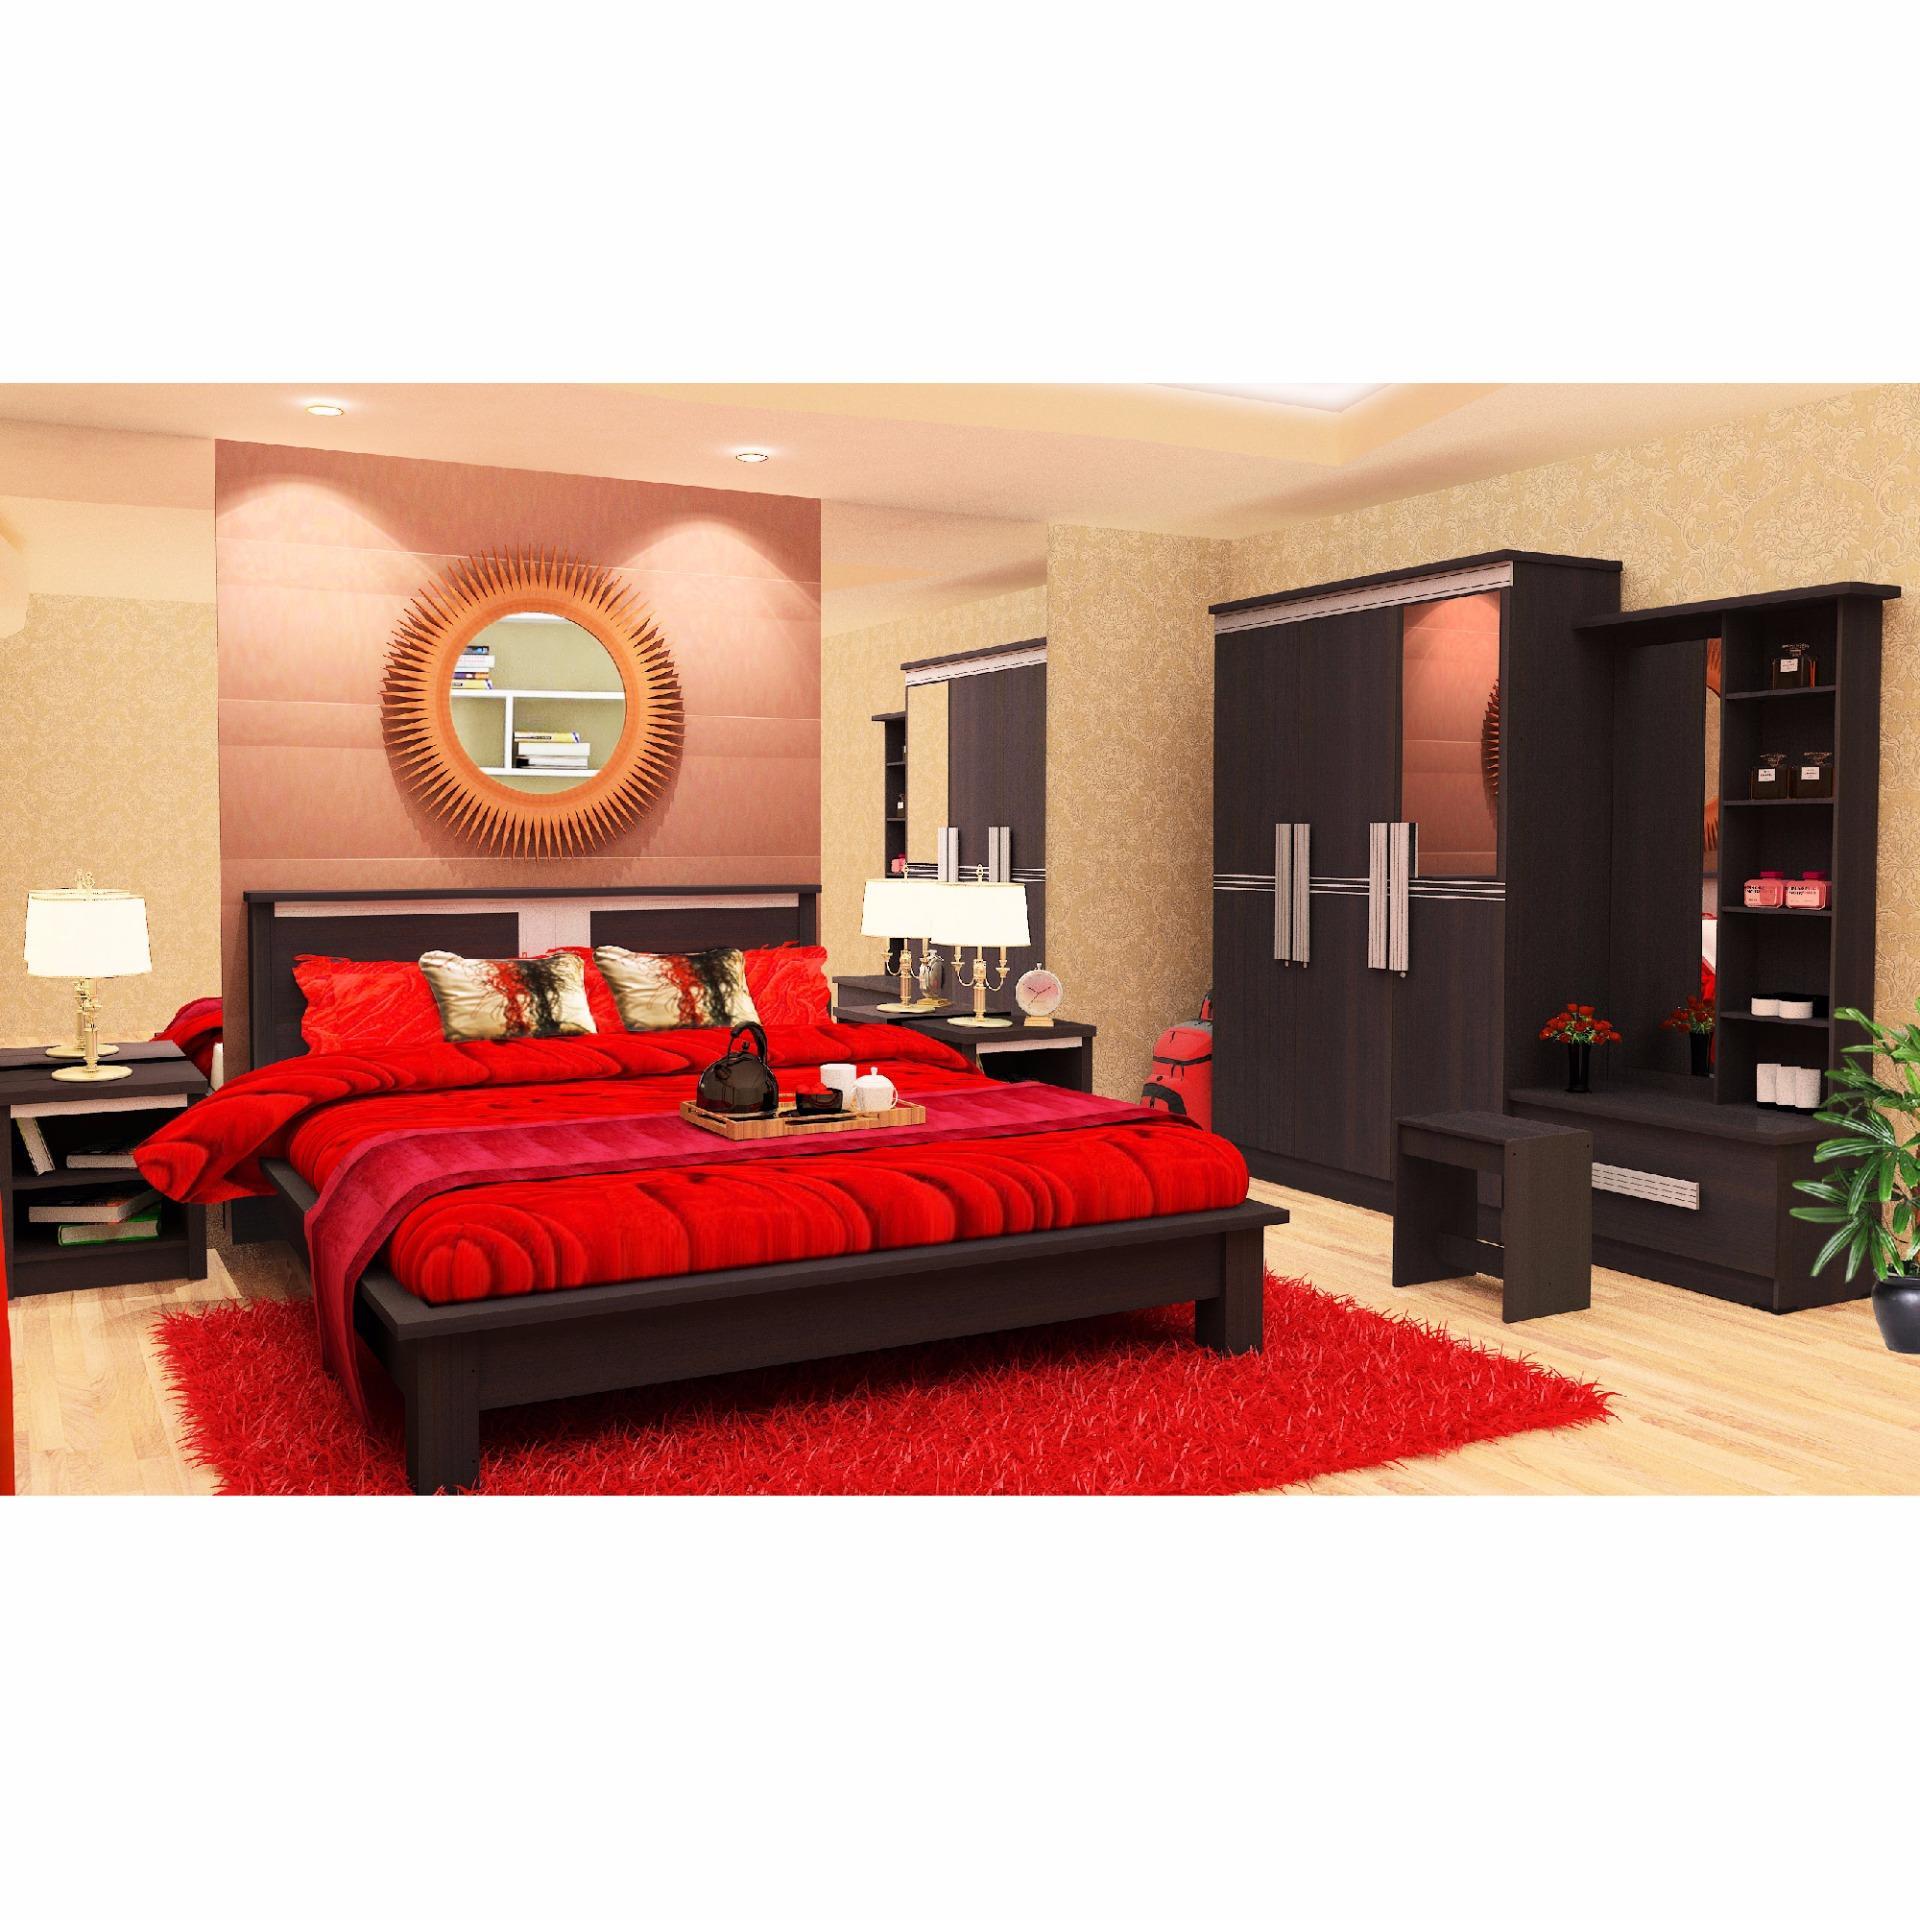 Lemari Pakaian, Ranjang, Nakas, Meja Rias (Bedroom Set Red)